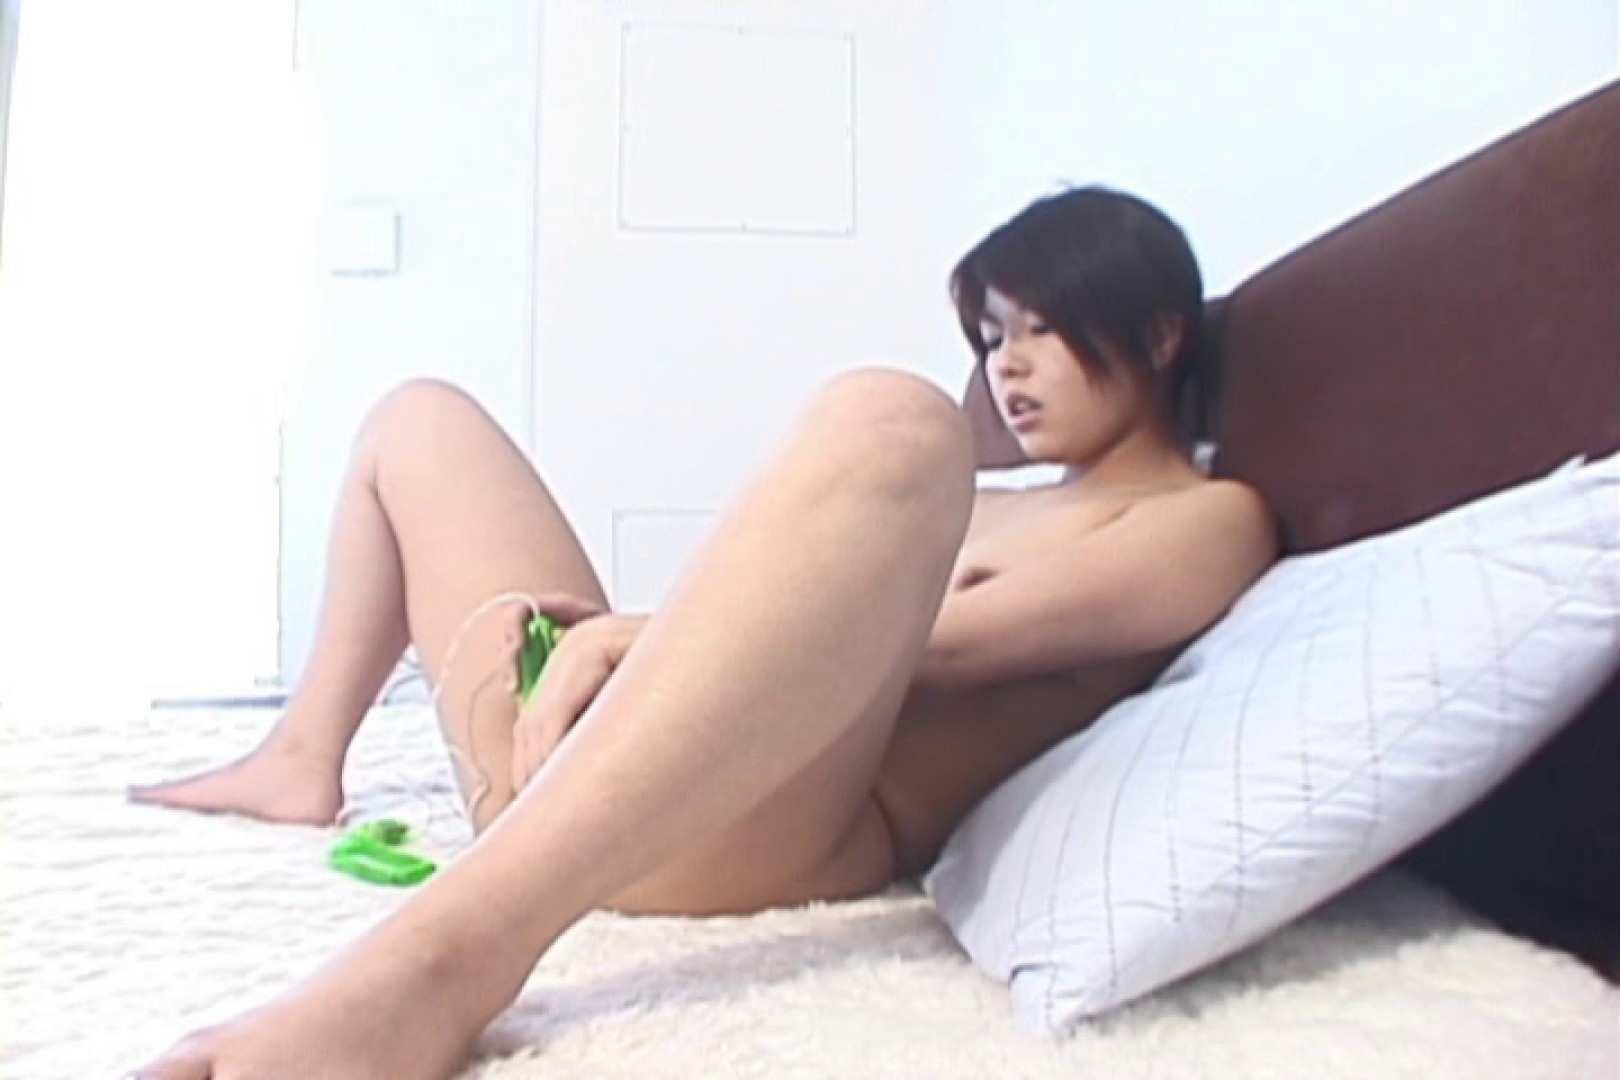 まだまだ若い三十路の人妻、綺麗な体を見て!~村田なお~ シャワー   バイブ  68PIX 43